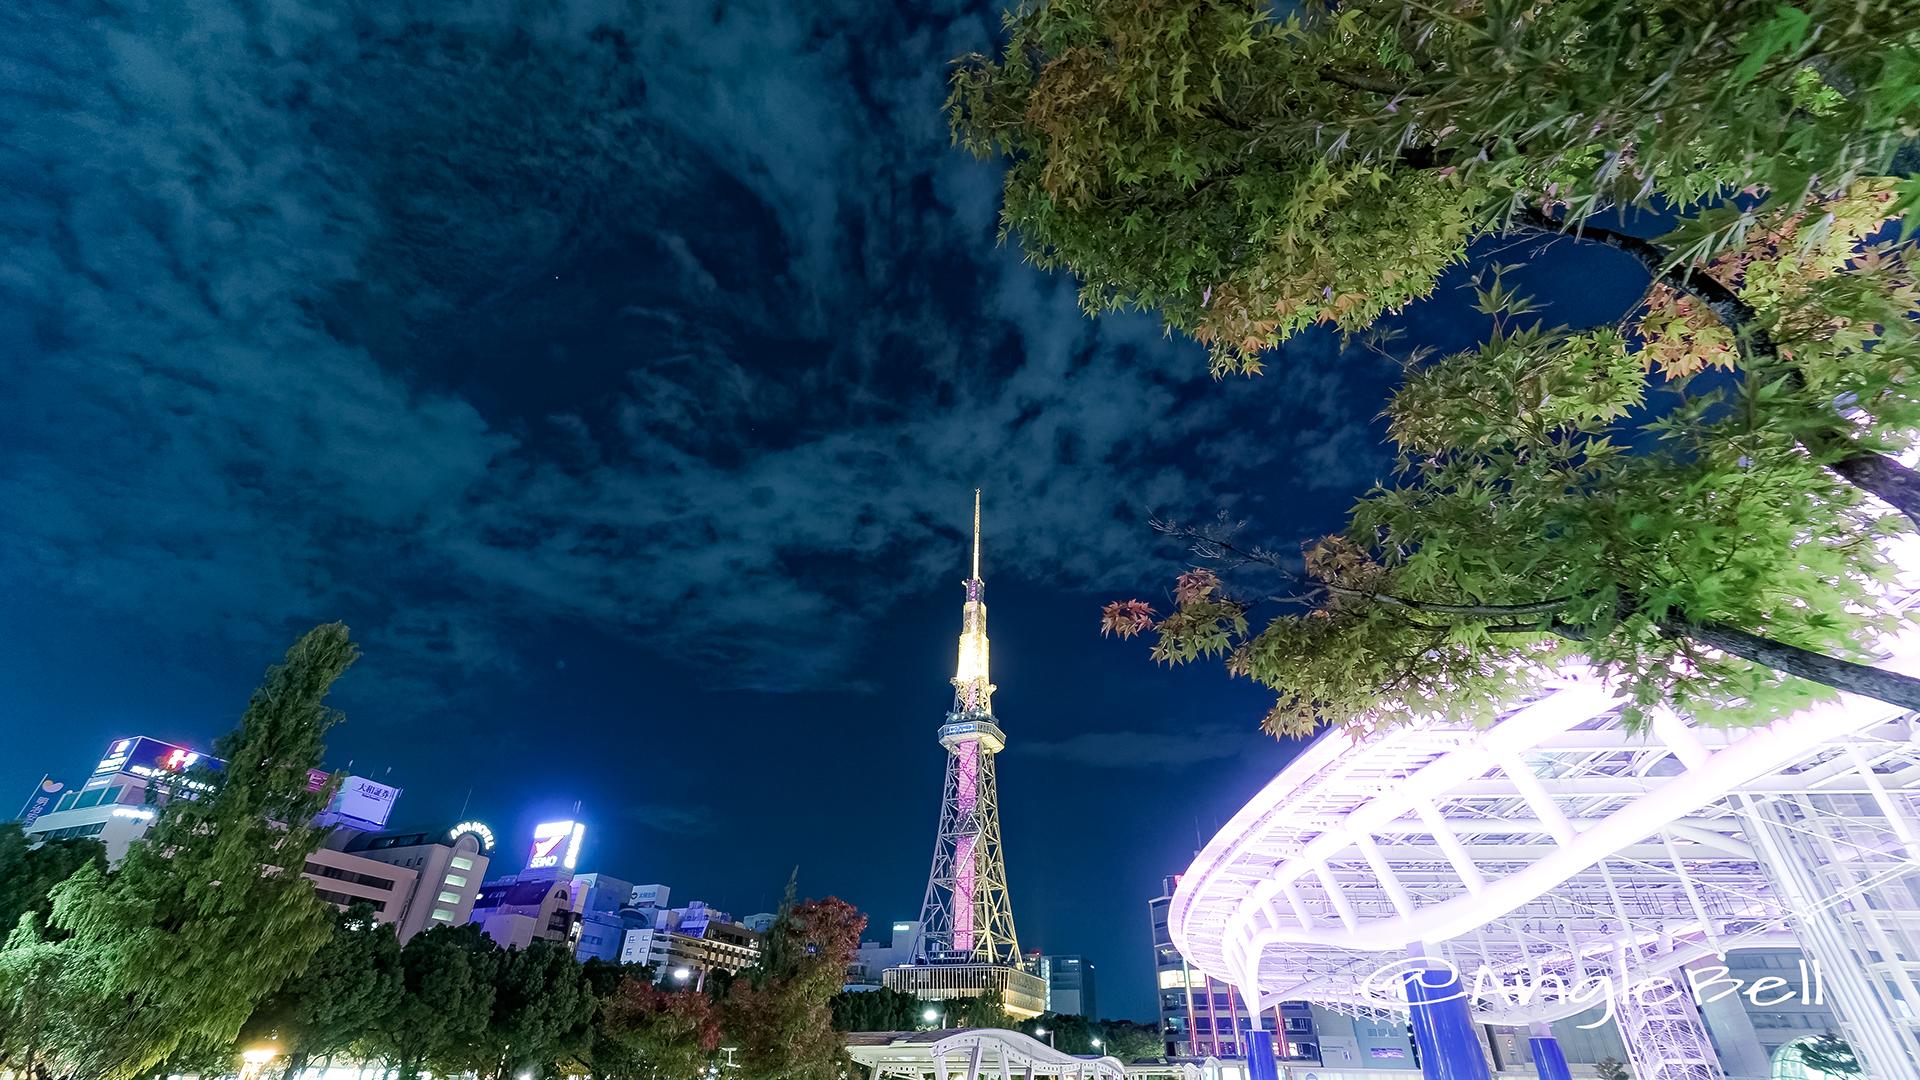 Nagoya TV Tower Oasis21 Autumn Leaves 2017